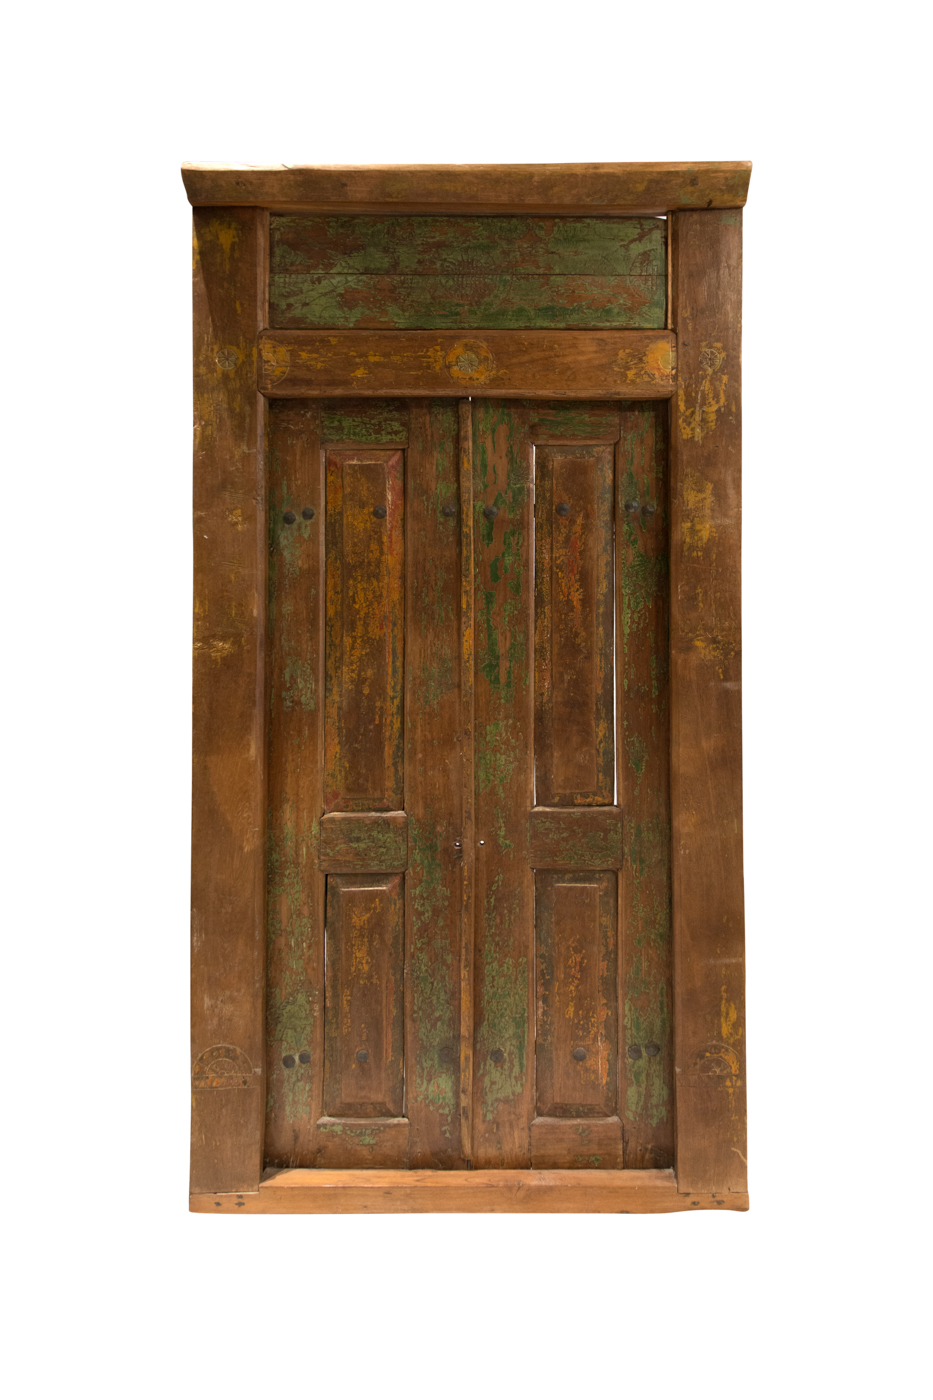 Rectangular double wooden door